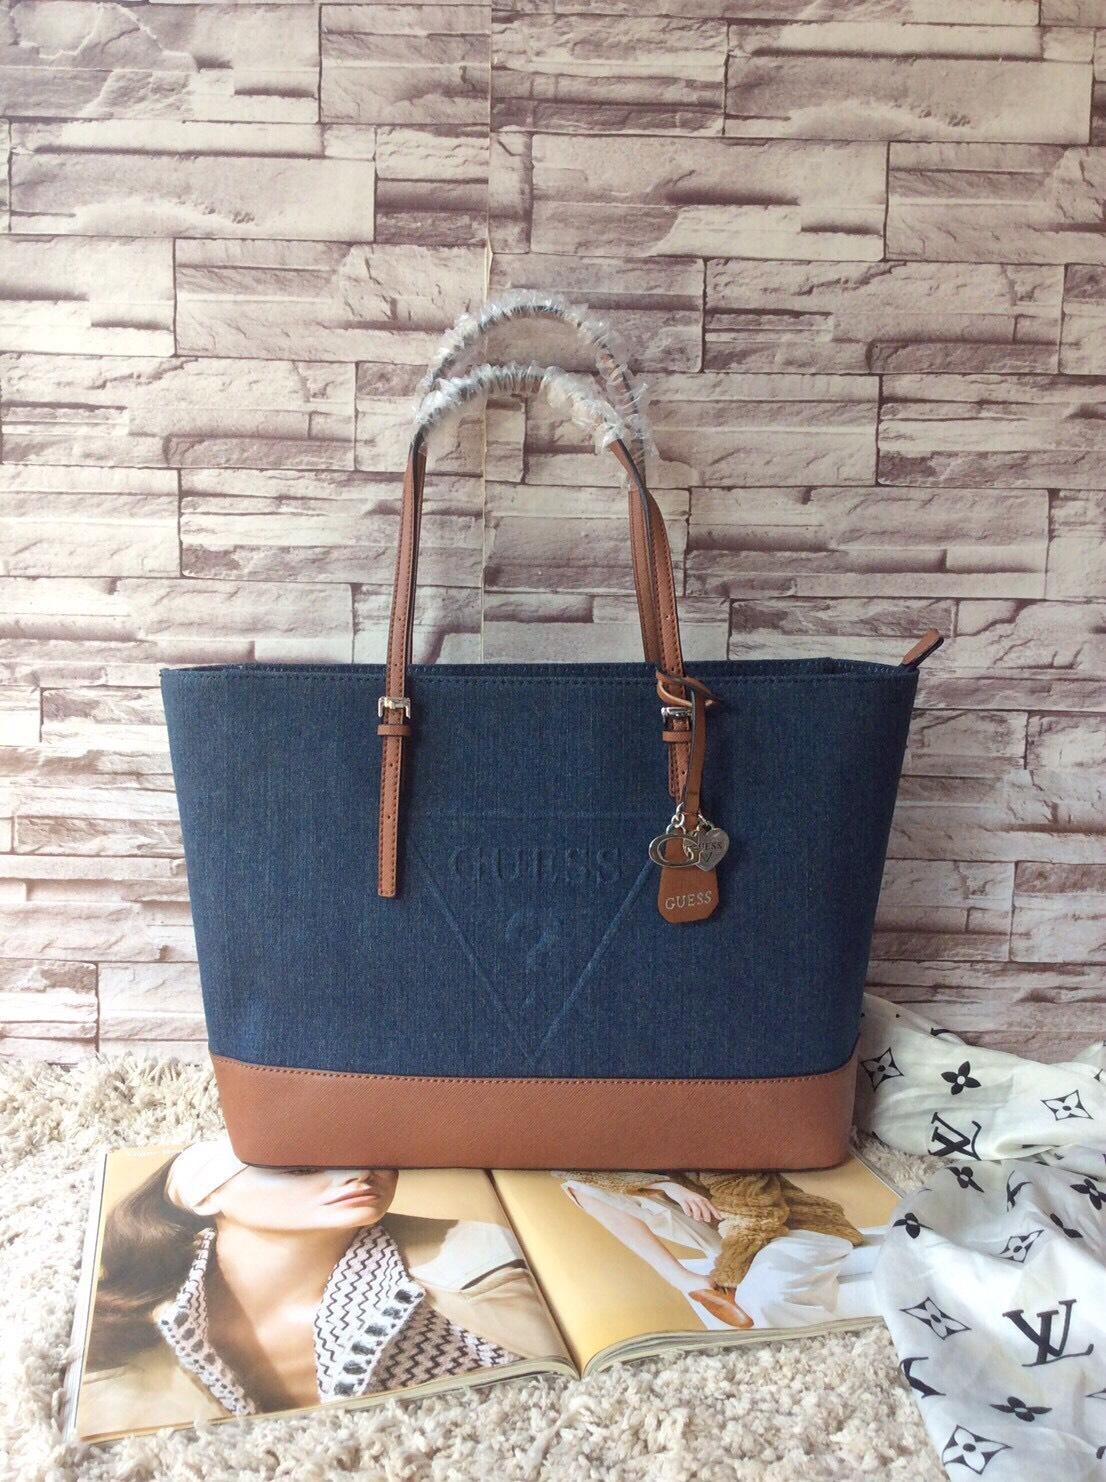 กระเป๋าถือหรือสะพาย Guess Peak Navy Blue Tote Shoulder Bag ราคา 1,690 บาท Free Ems